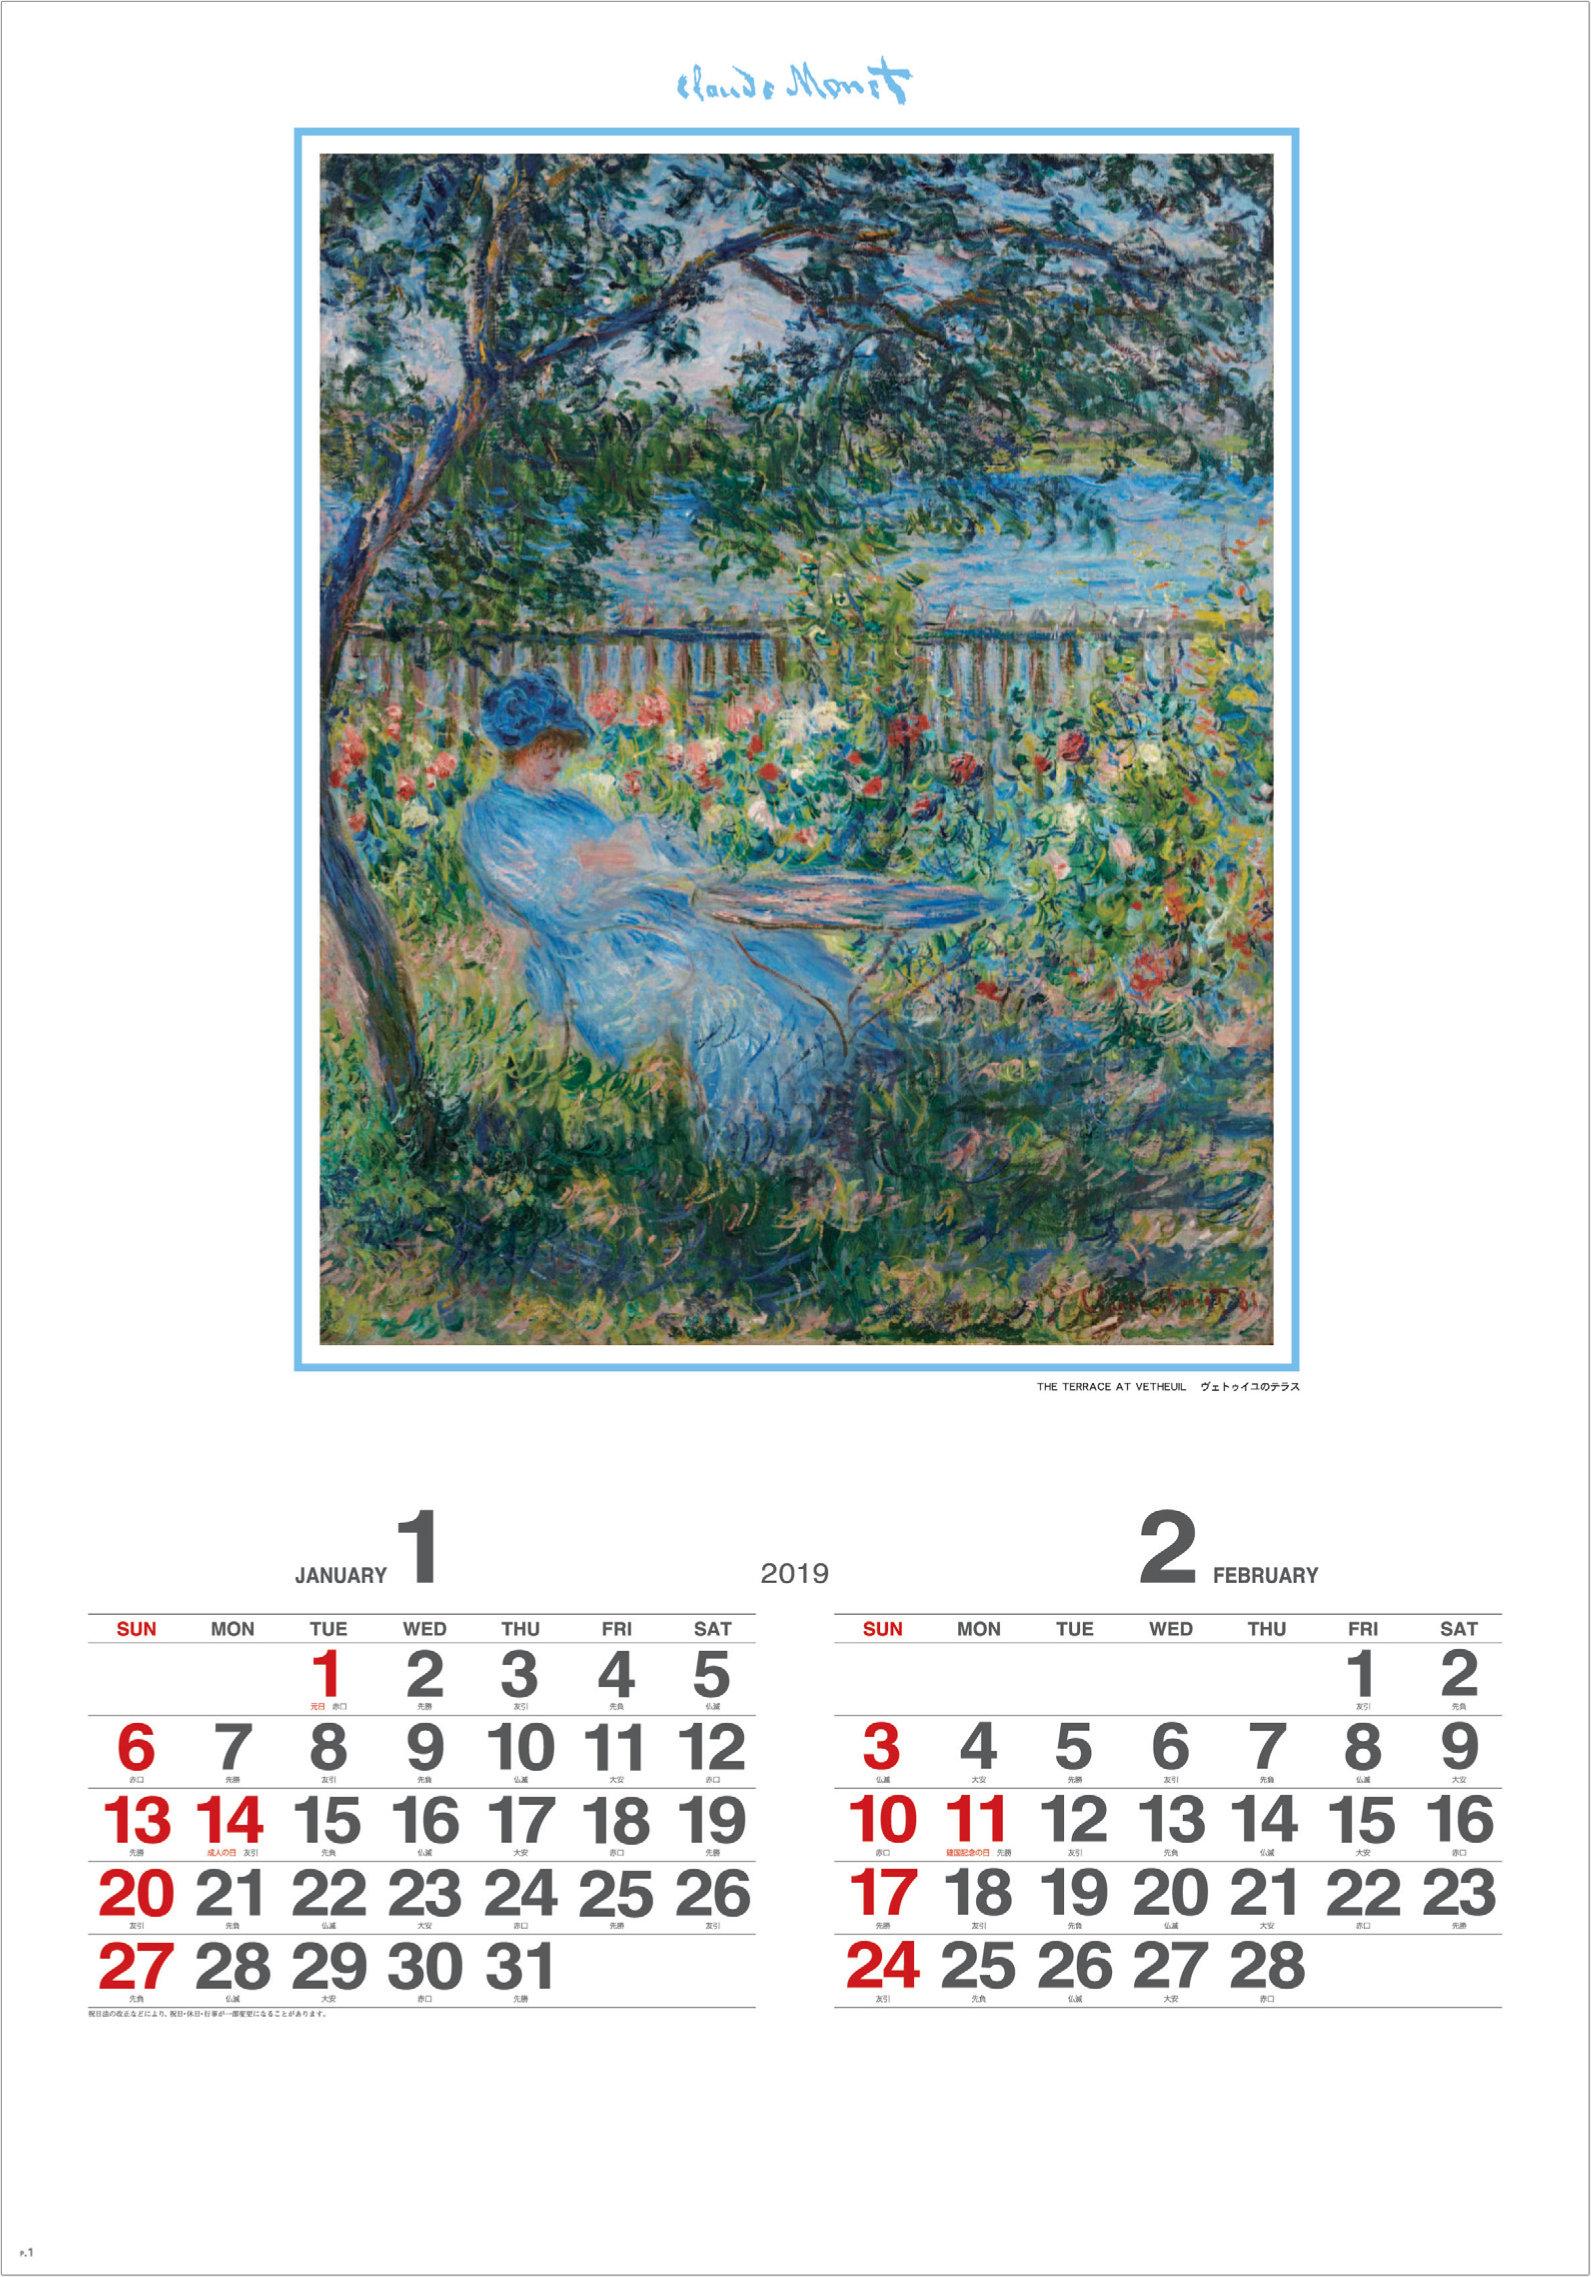 画像:モネ作品「ヴェトゥイユのテラス」 モネ絵画集(フィルムカレンダー) 2019年カレンダー